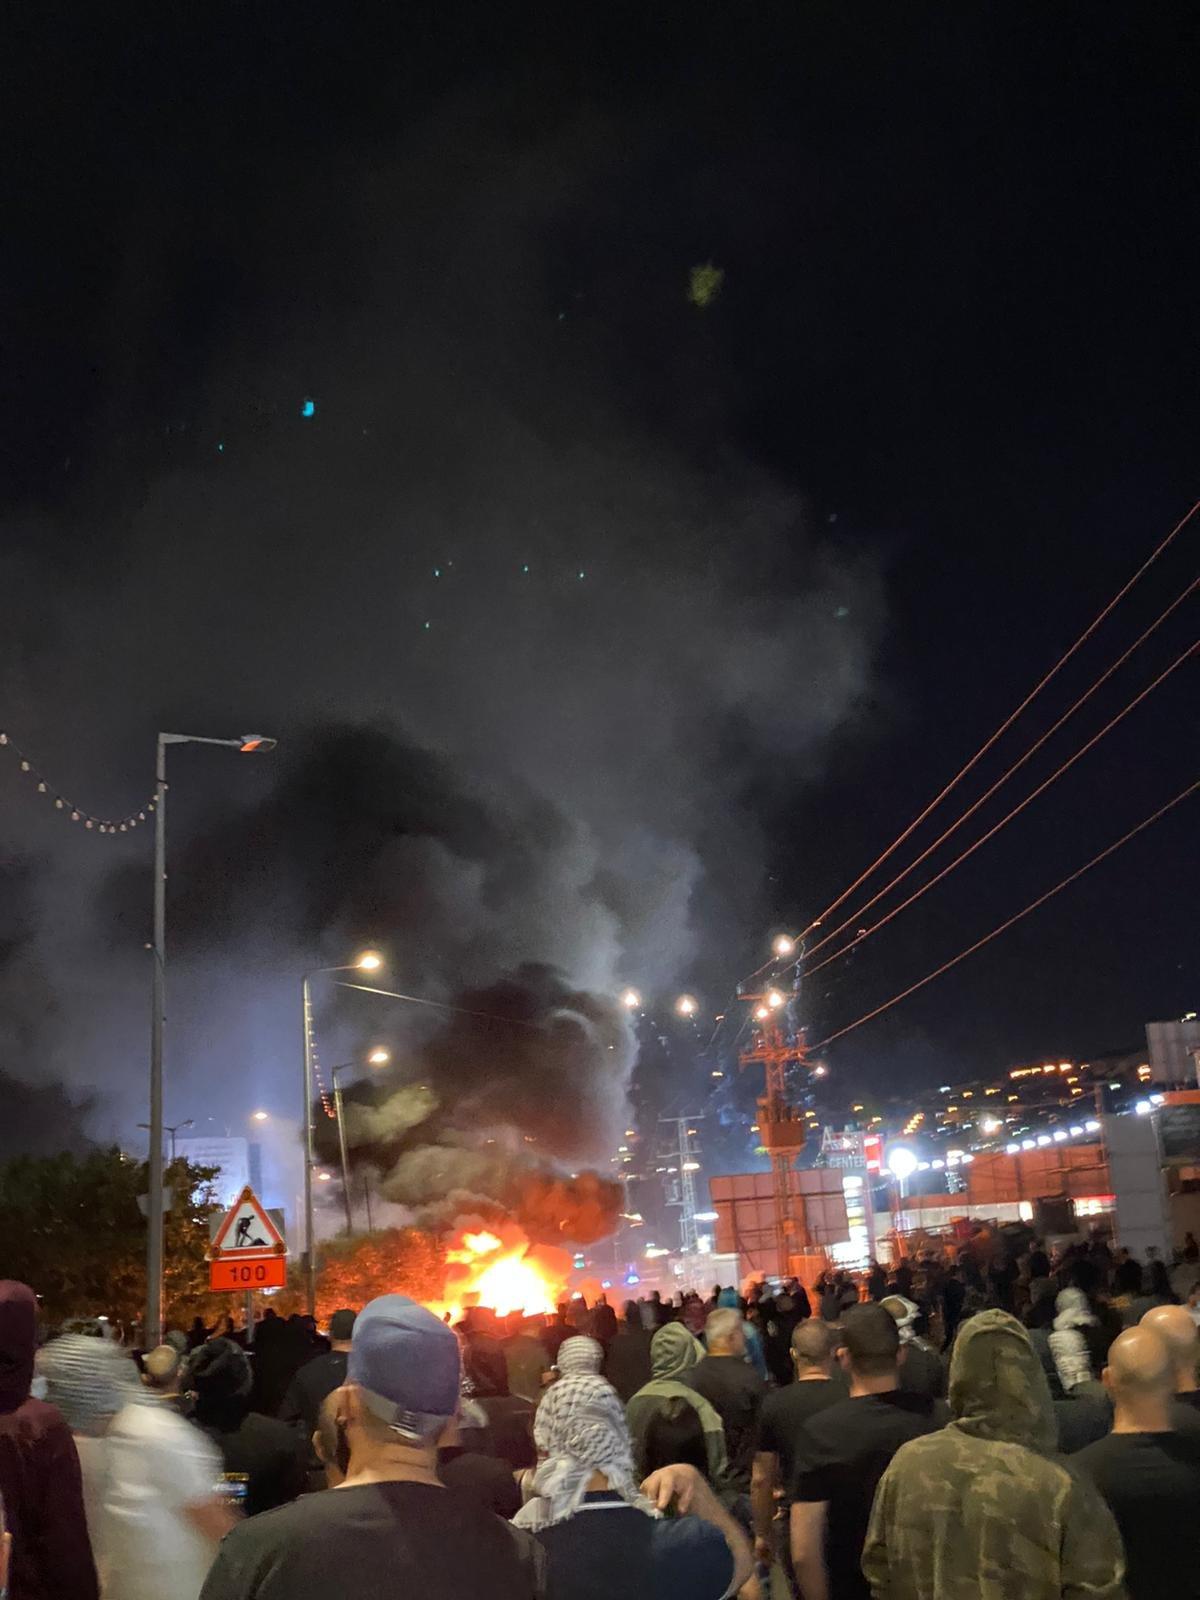 تابعوا الأخبار من مختلف البلدات: مظاهرات حاشدة، اليكم الملخص والصور-22